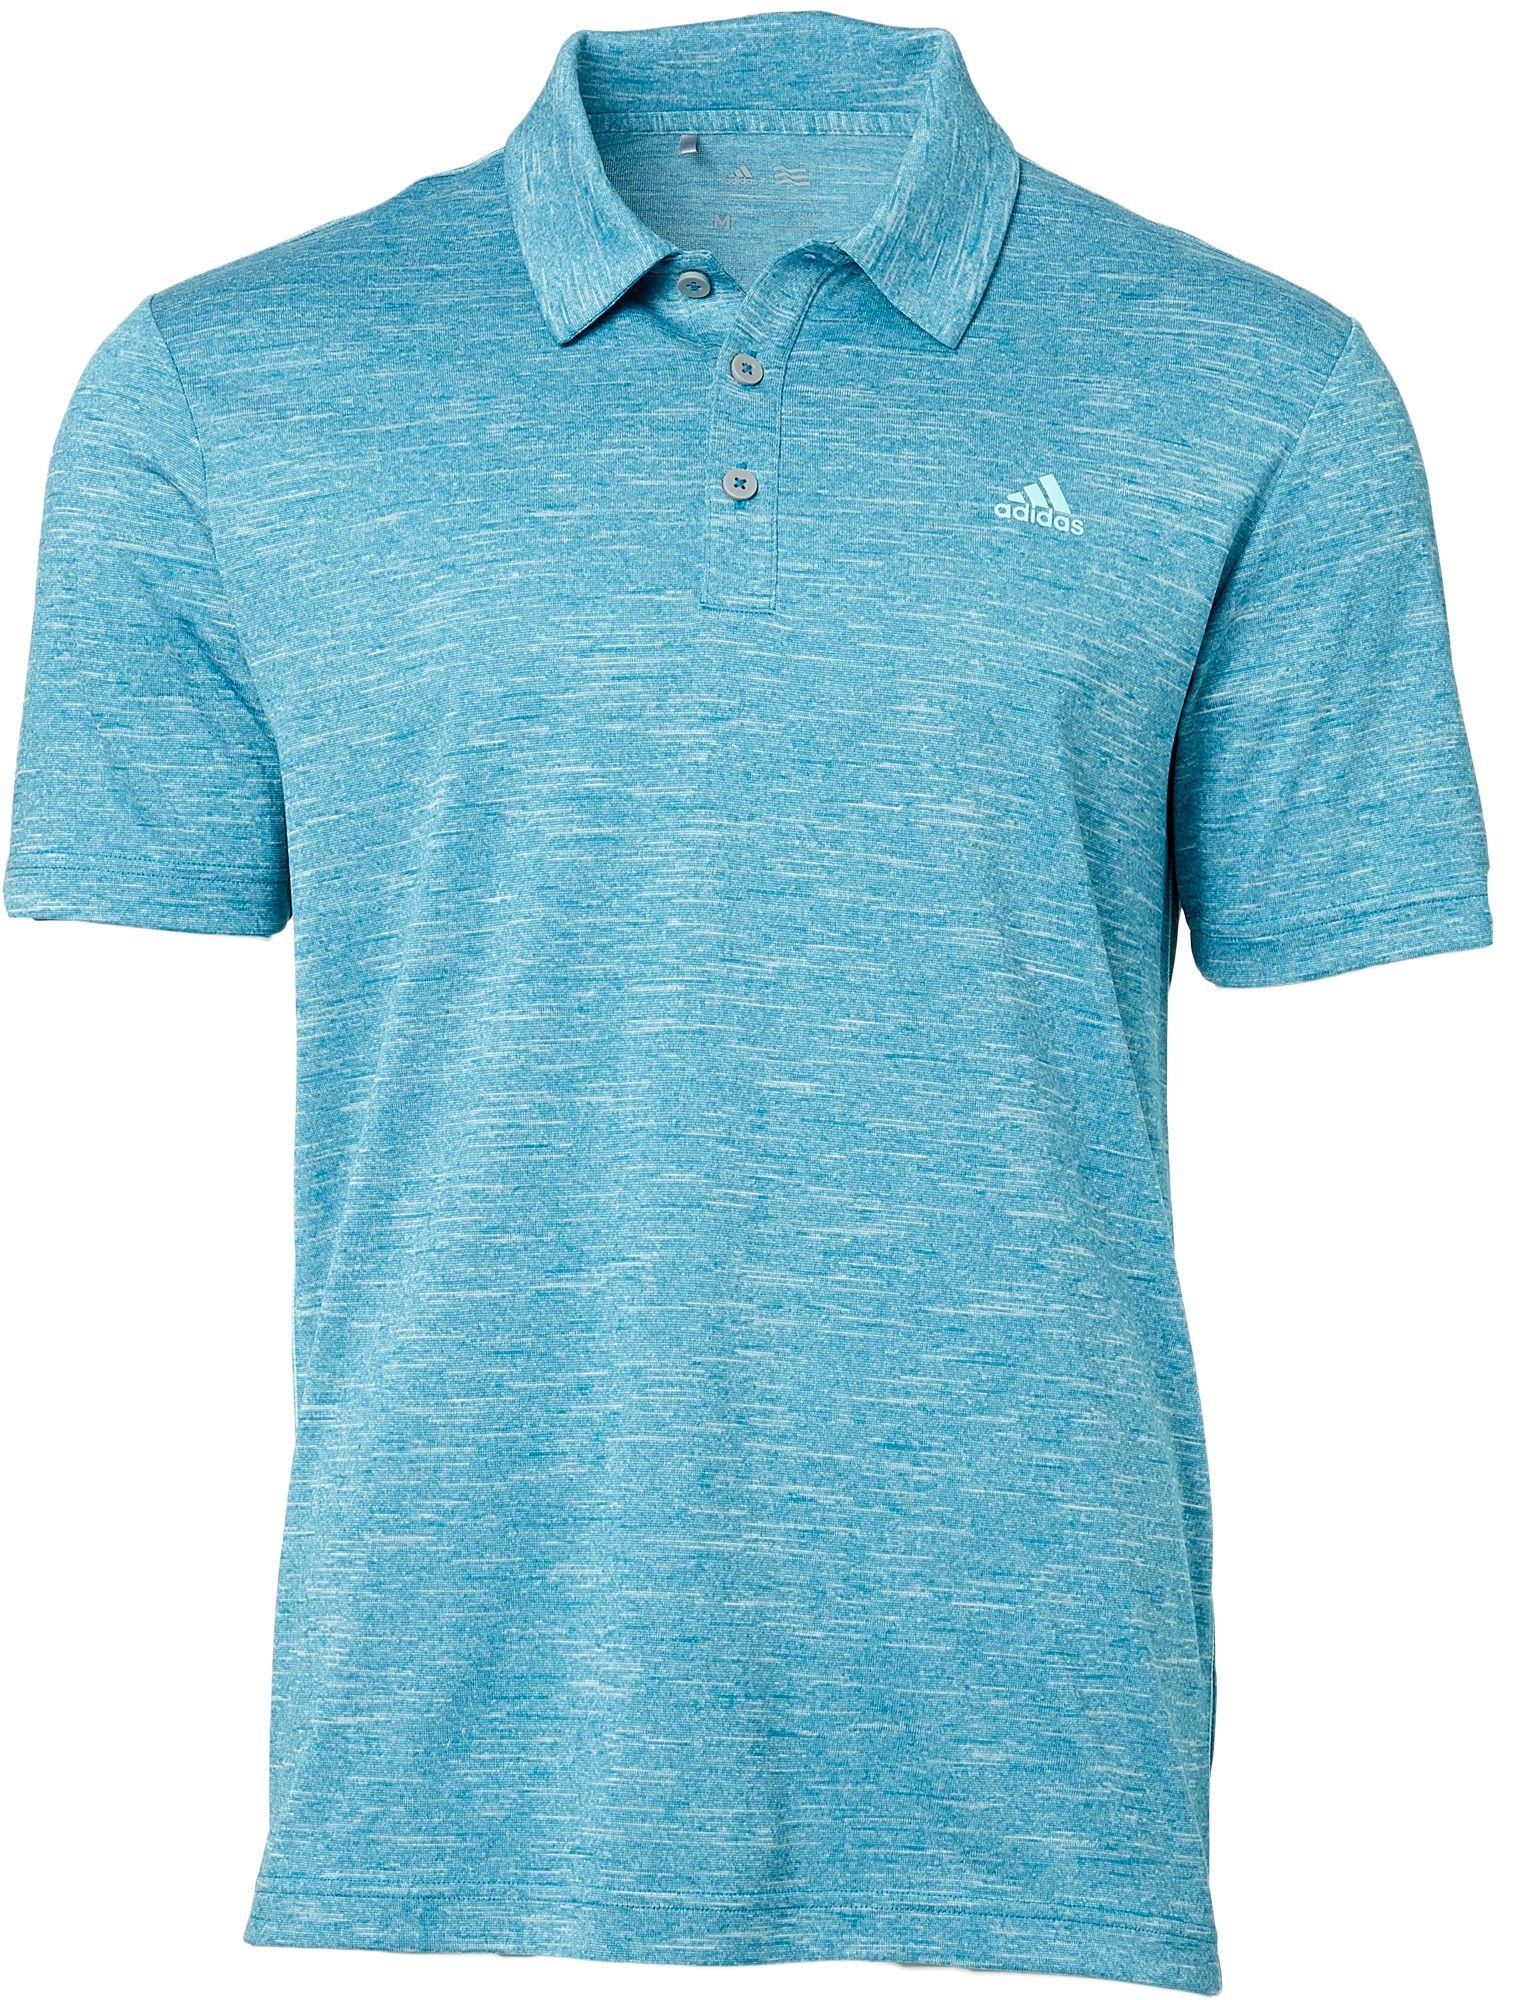 golf shirts clearance